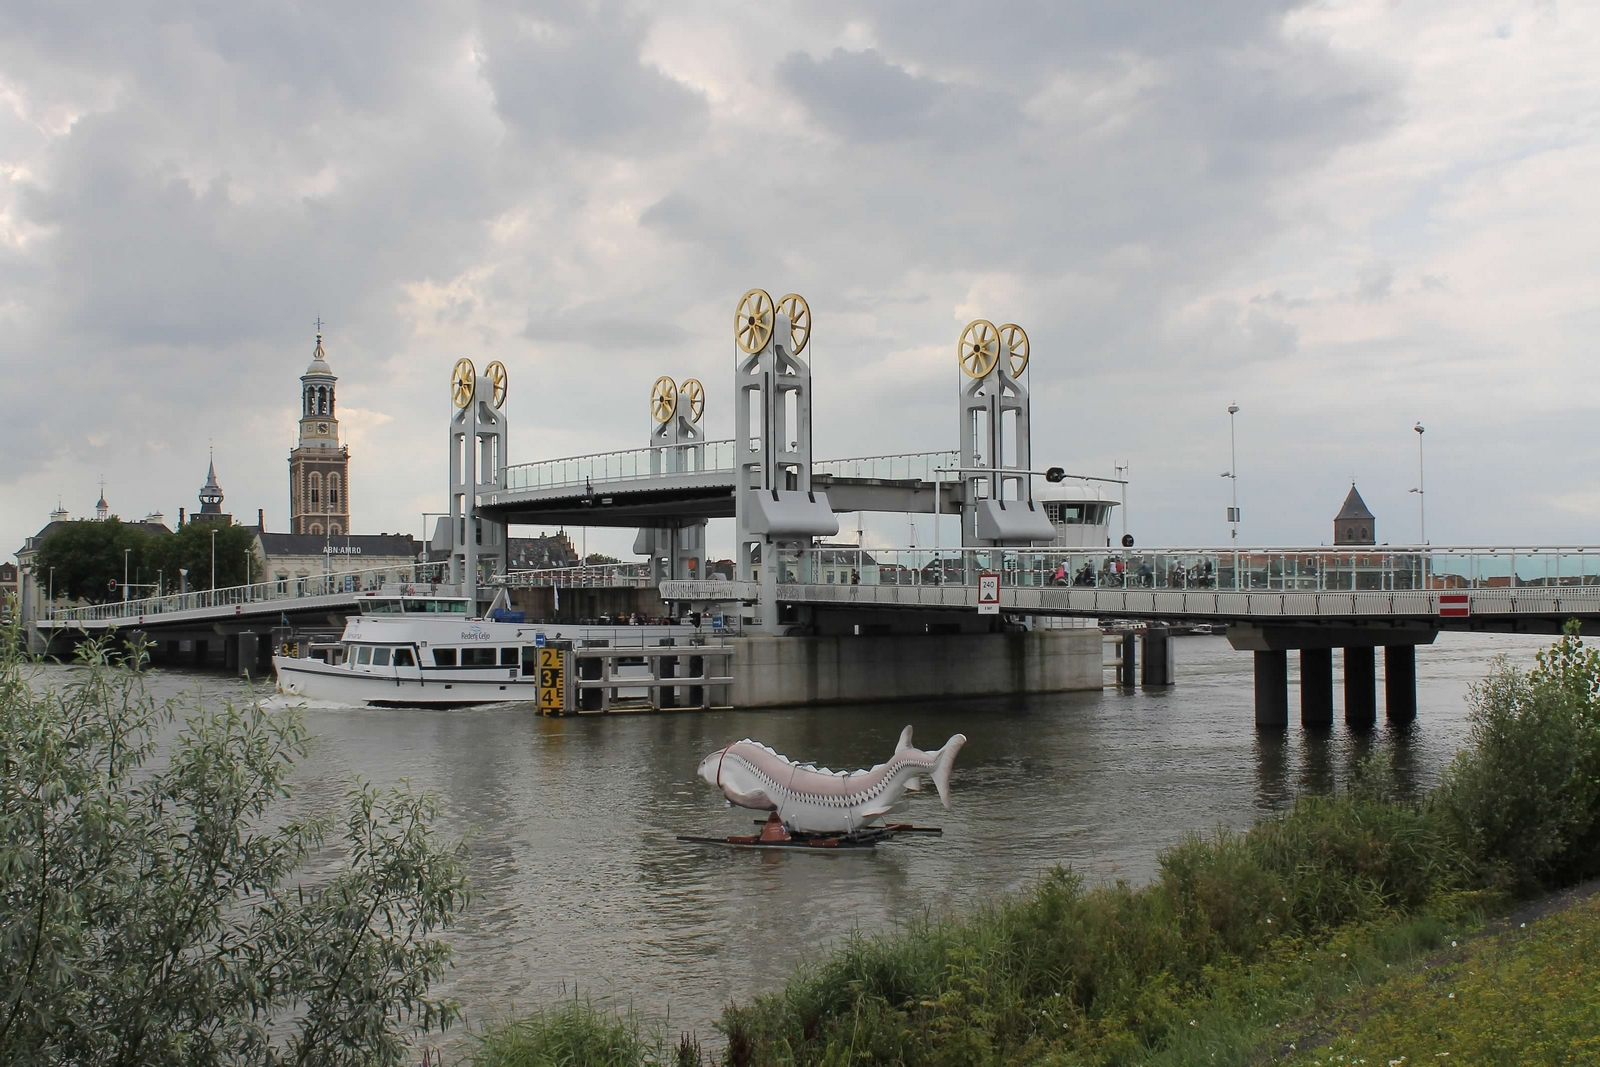 Stadsbrug weer toegankelijk voor alle verkeer